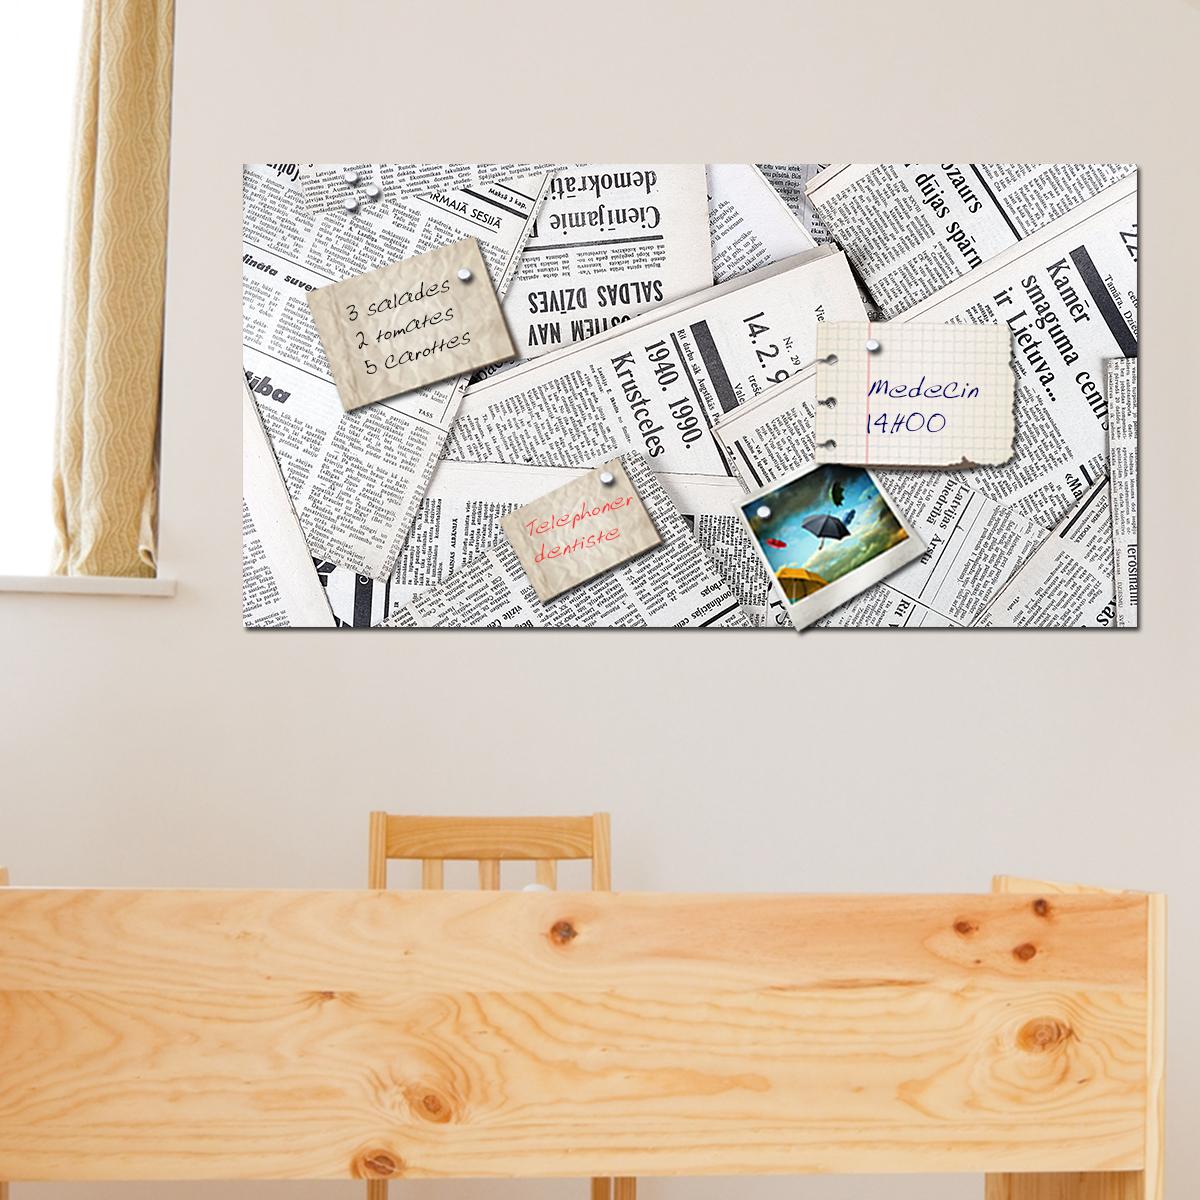 Papier peint magn tique sticker papier peint magn tique journal ambiance - Papier peint journal ...